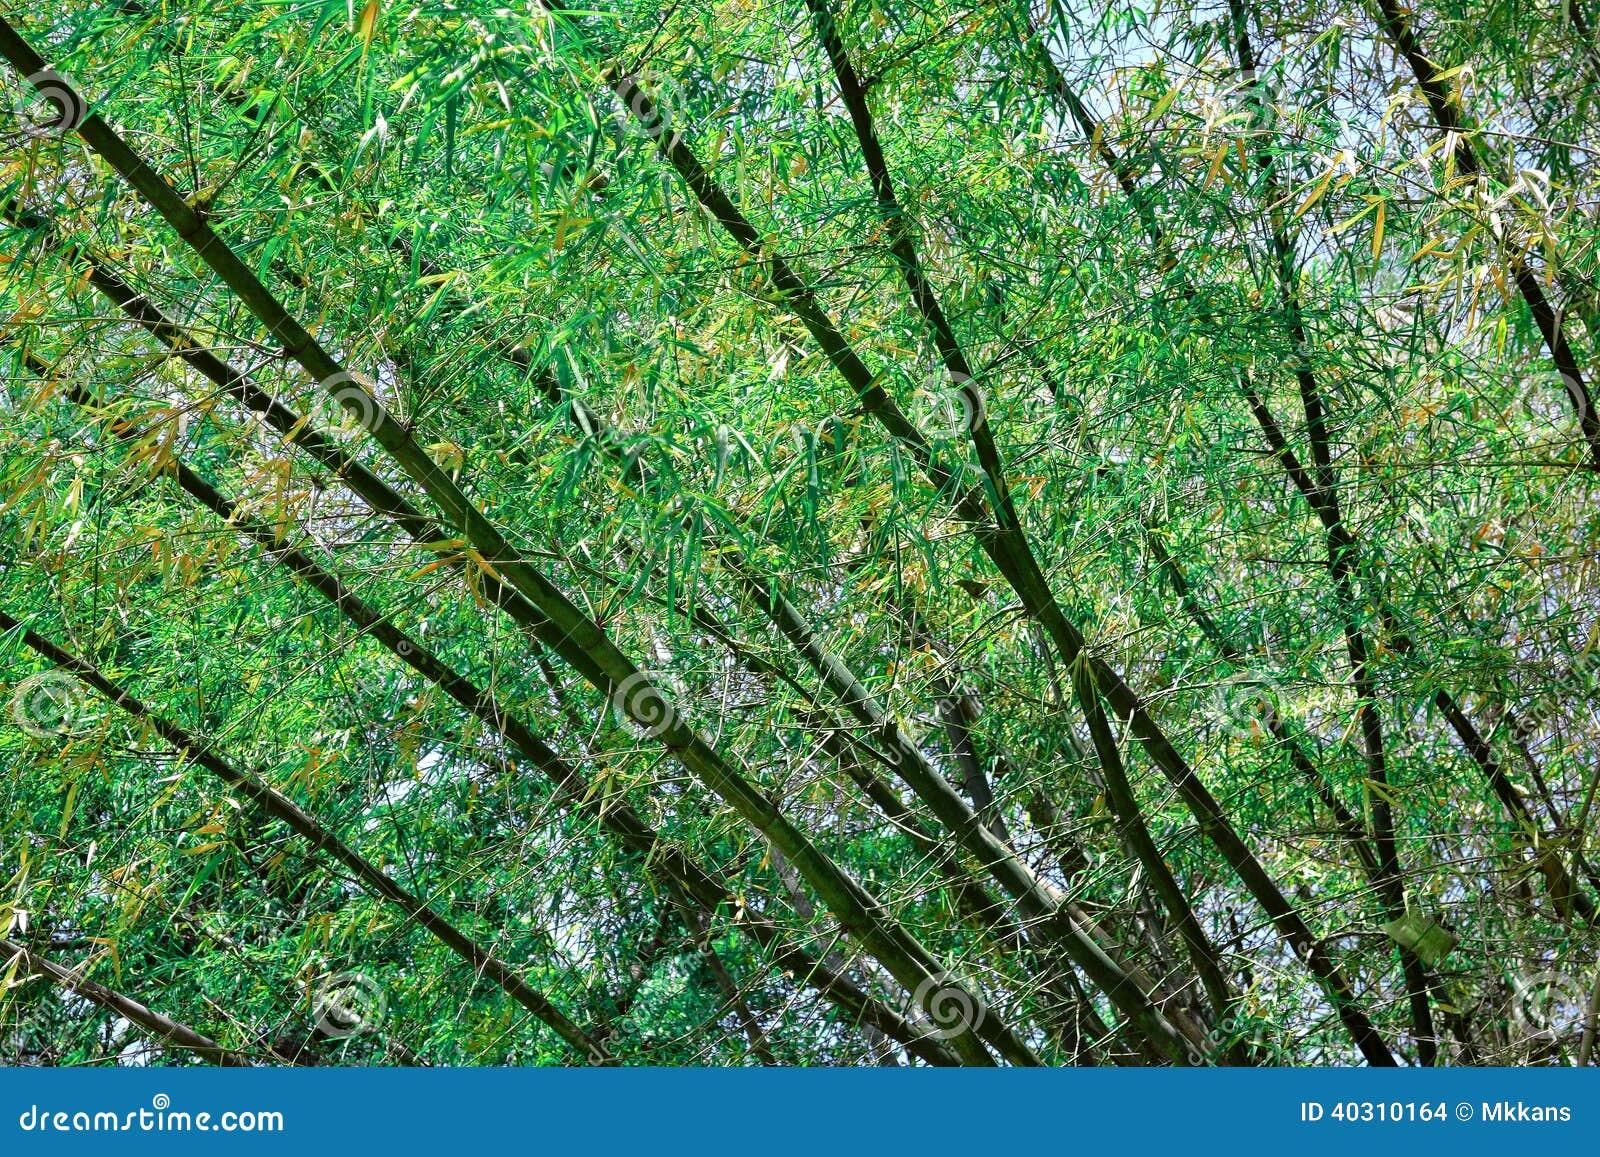 Bamboo tree stock photo. Image of green, taken, land - 40310164